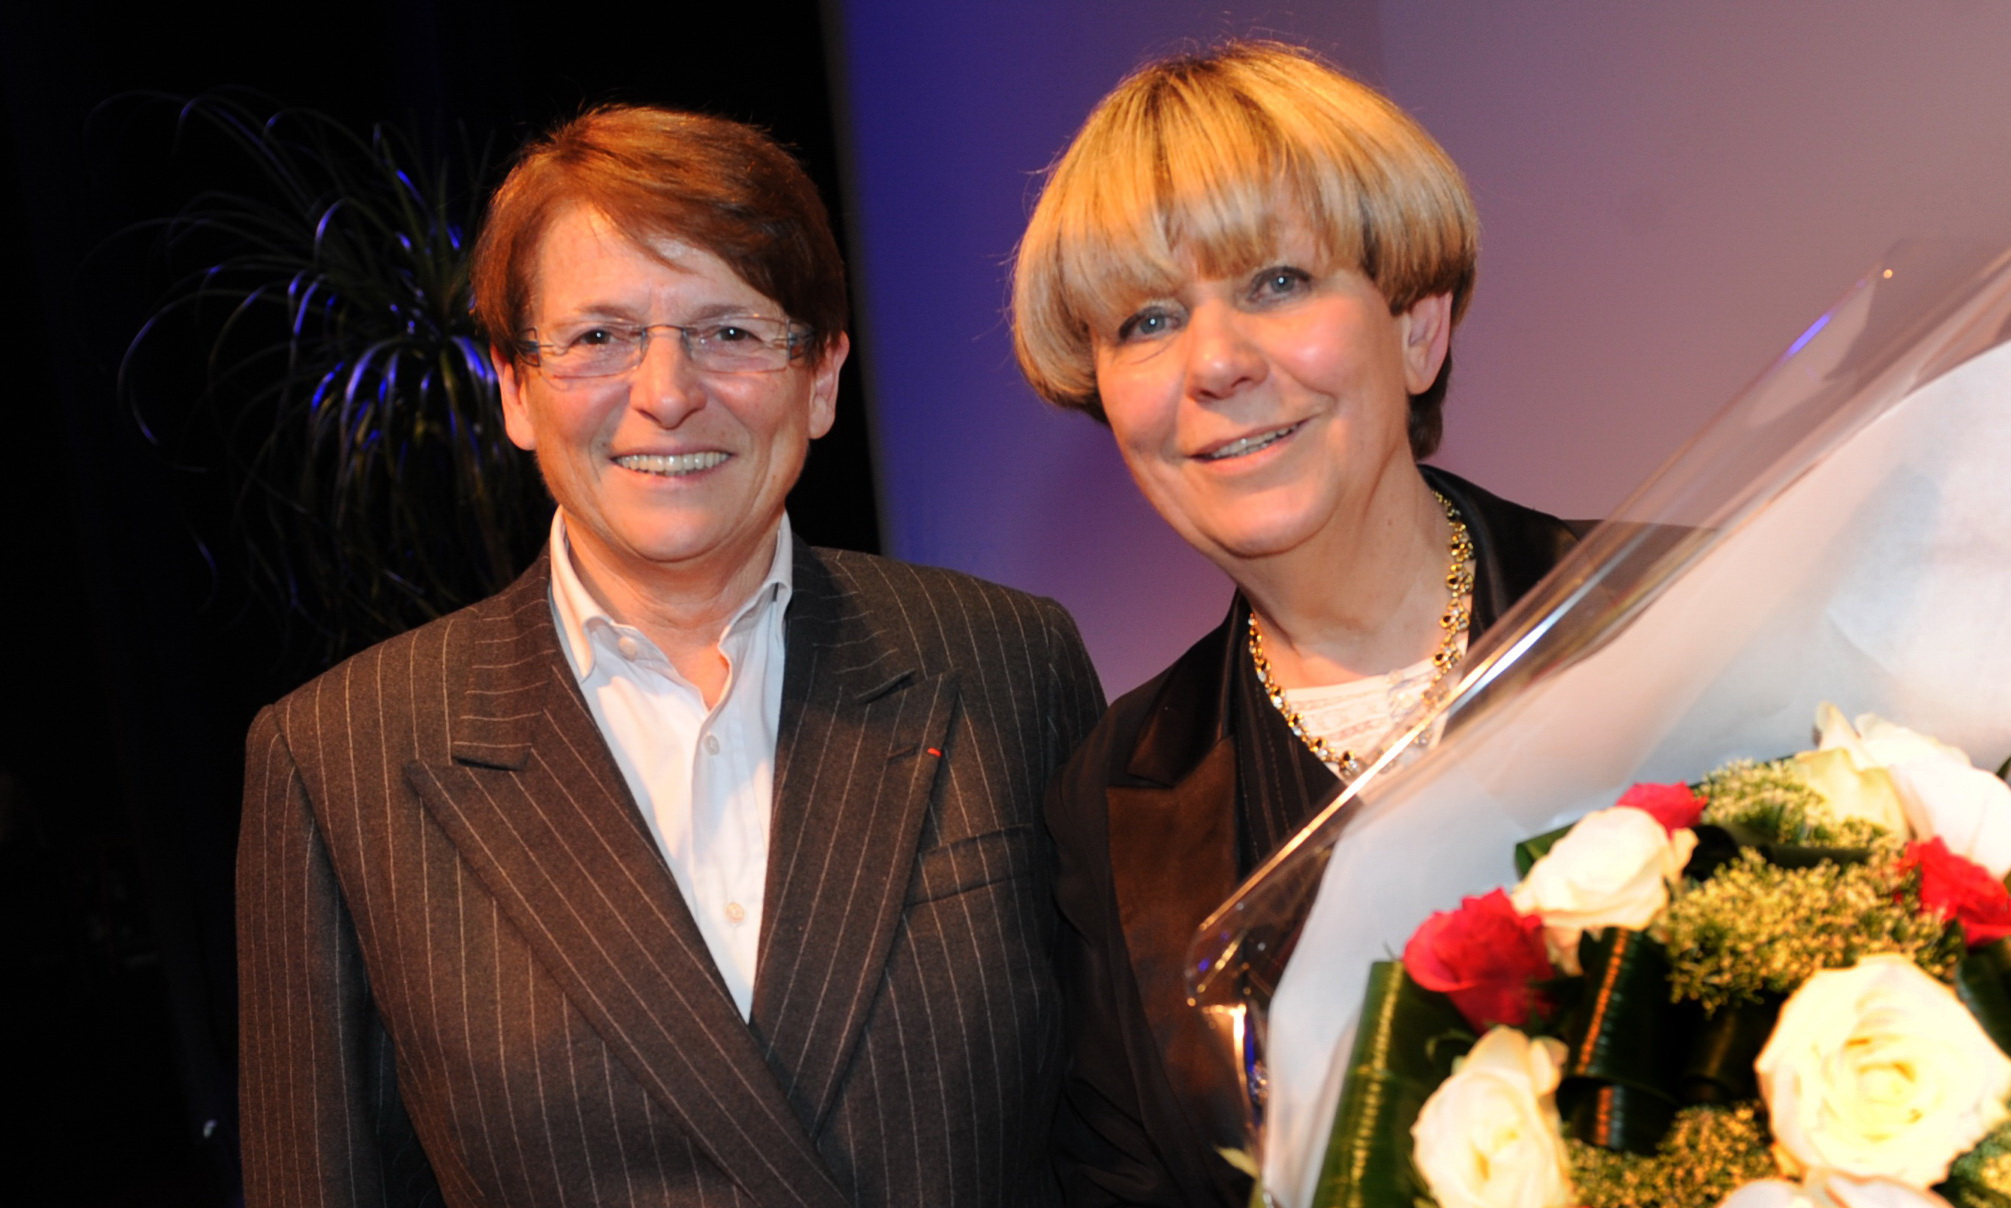 Municipales Dardilly 2014. Michèle Vullien pour 6 ans encore ?